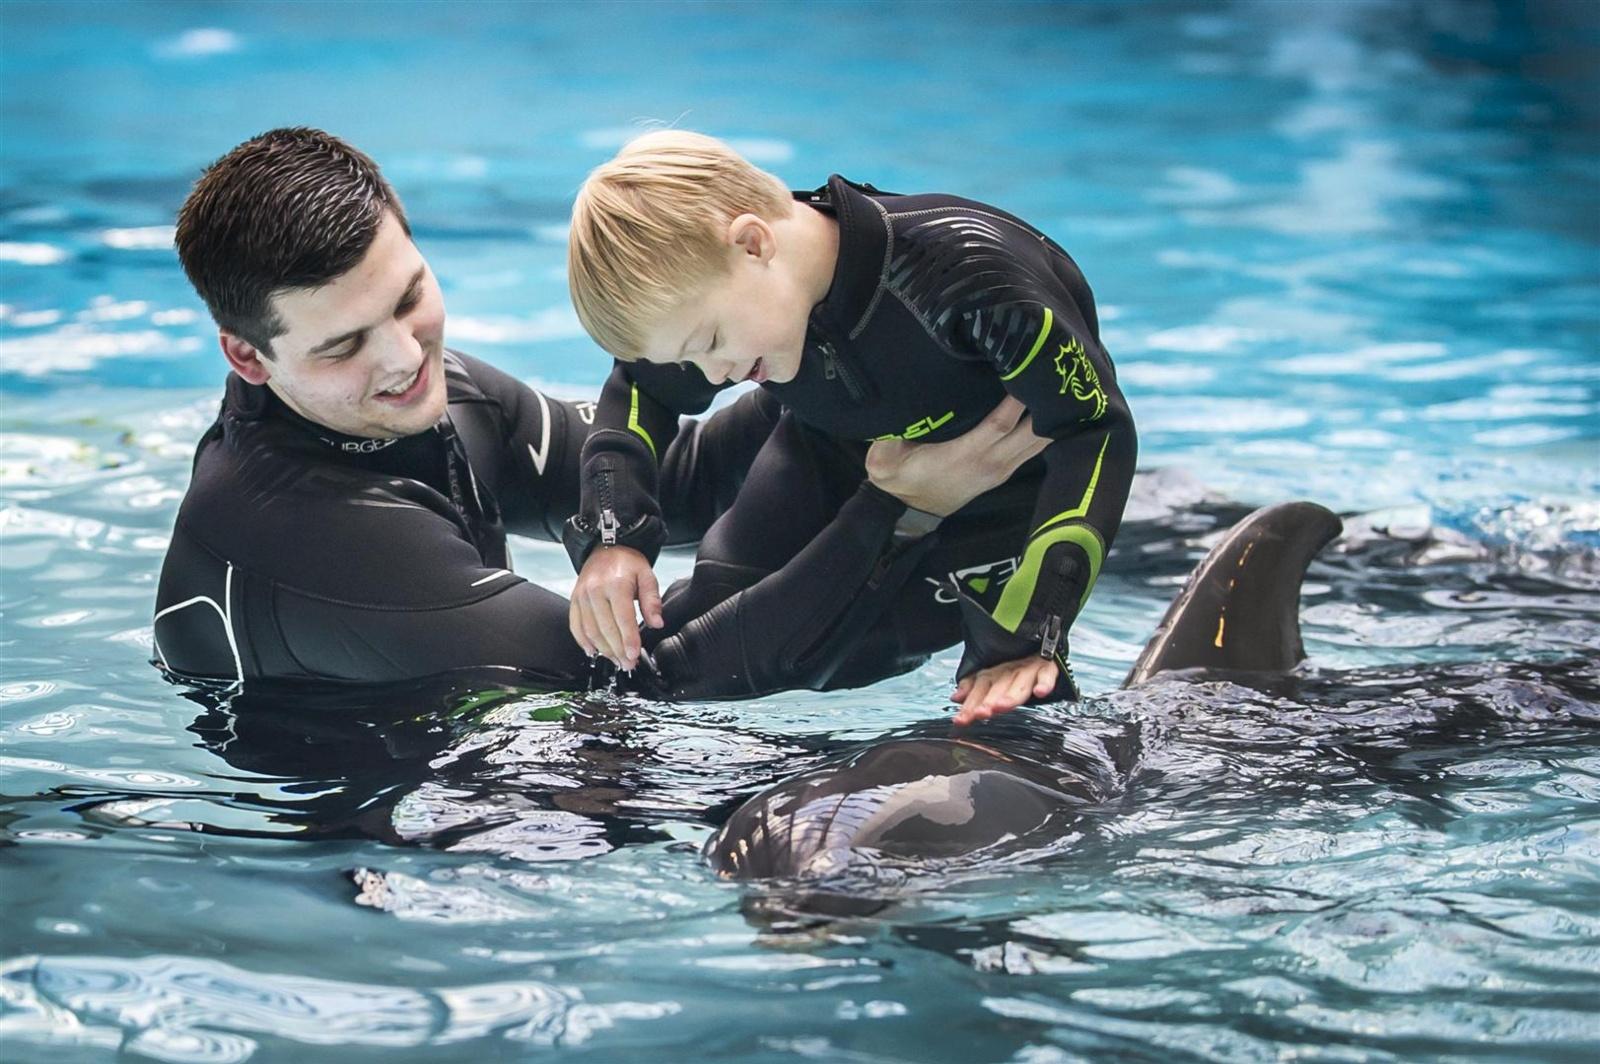 Lietuvos jūrų muziejaus delfinariumas pradeda registruoti į užsiėmimus su delfinais